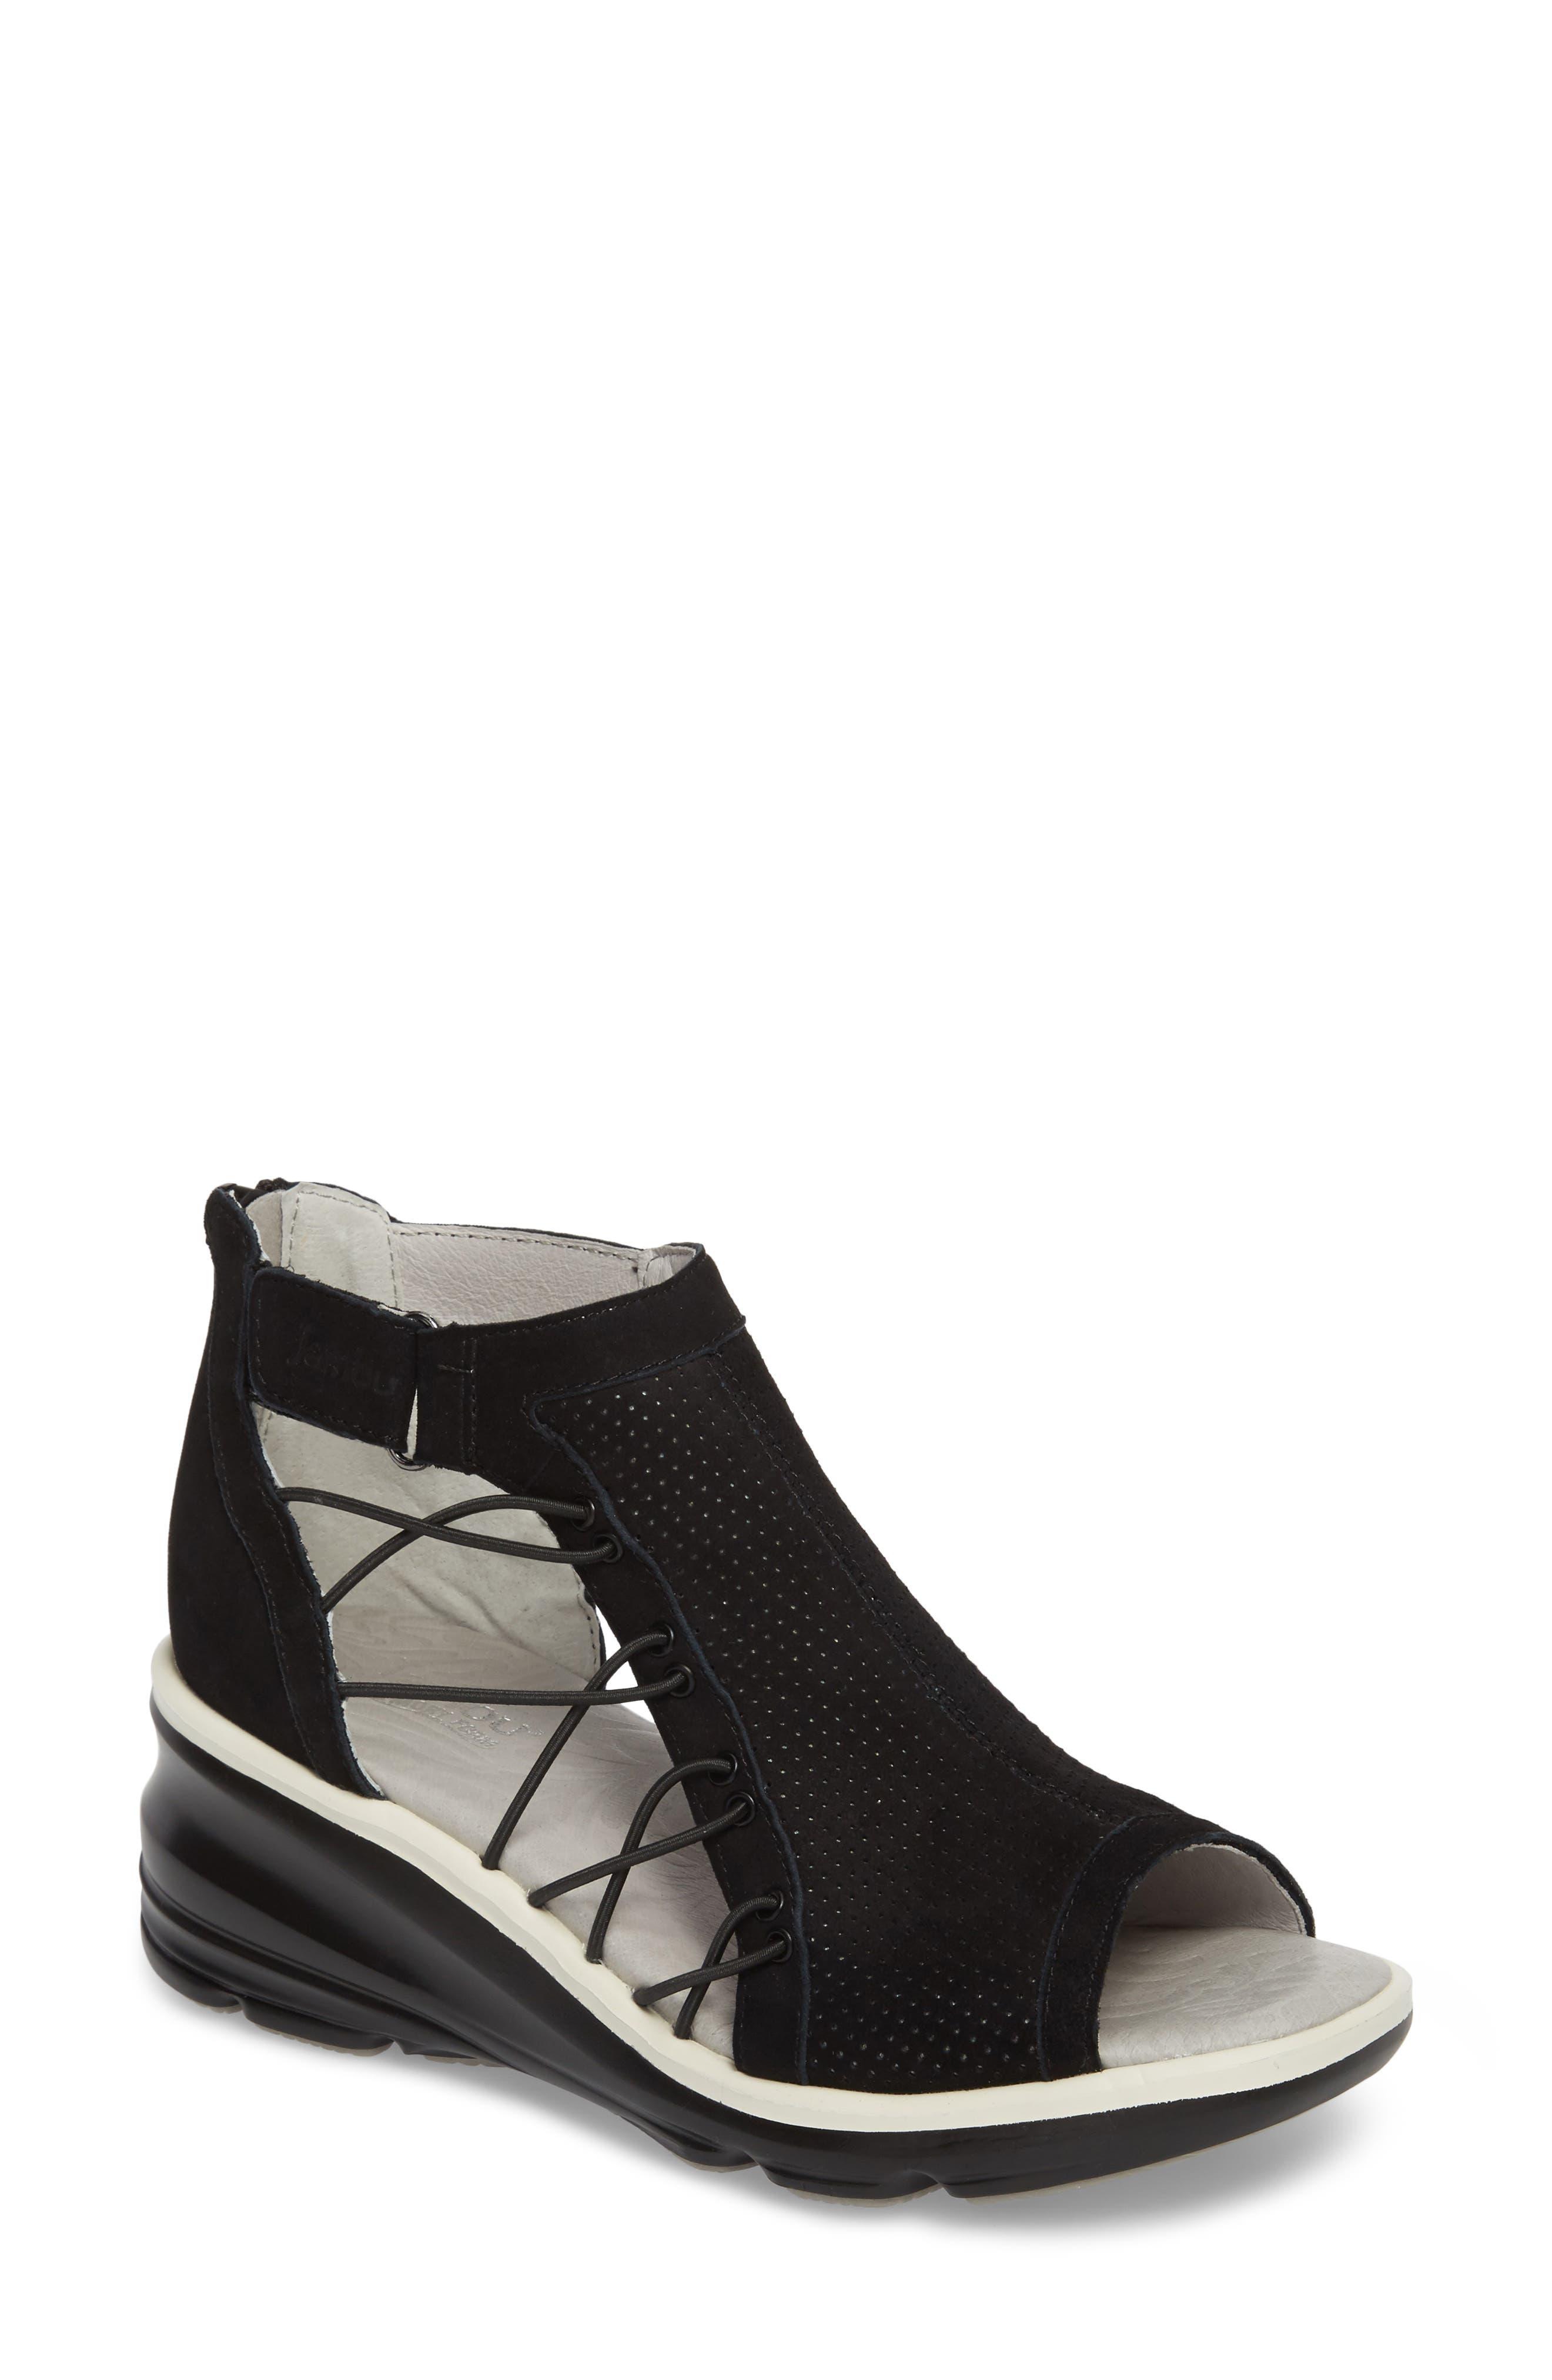 JAMBU Naomi Perforated Wedge Sandal, Main, color, BLACK SUEDE